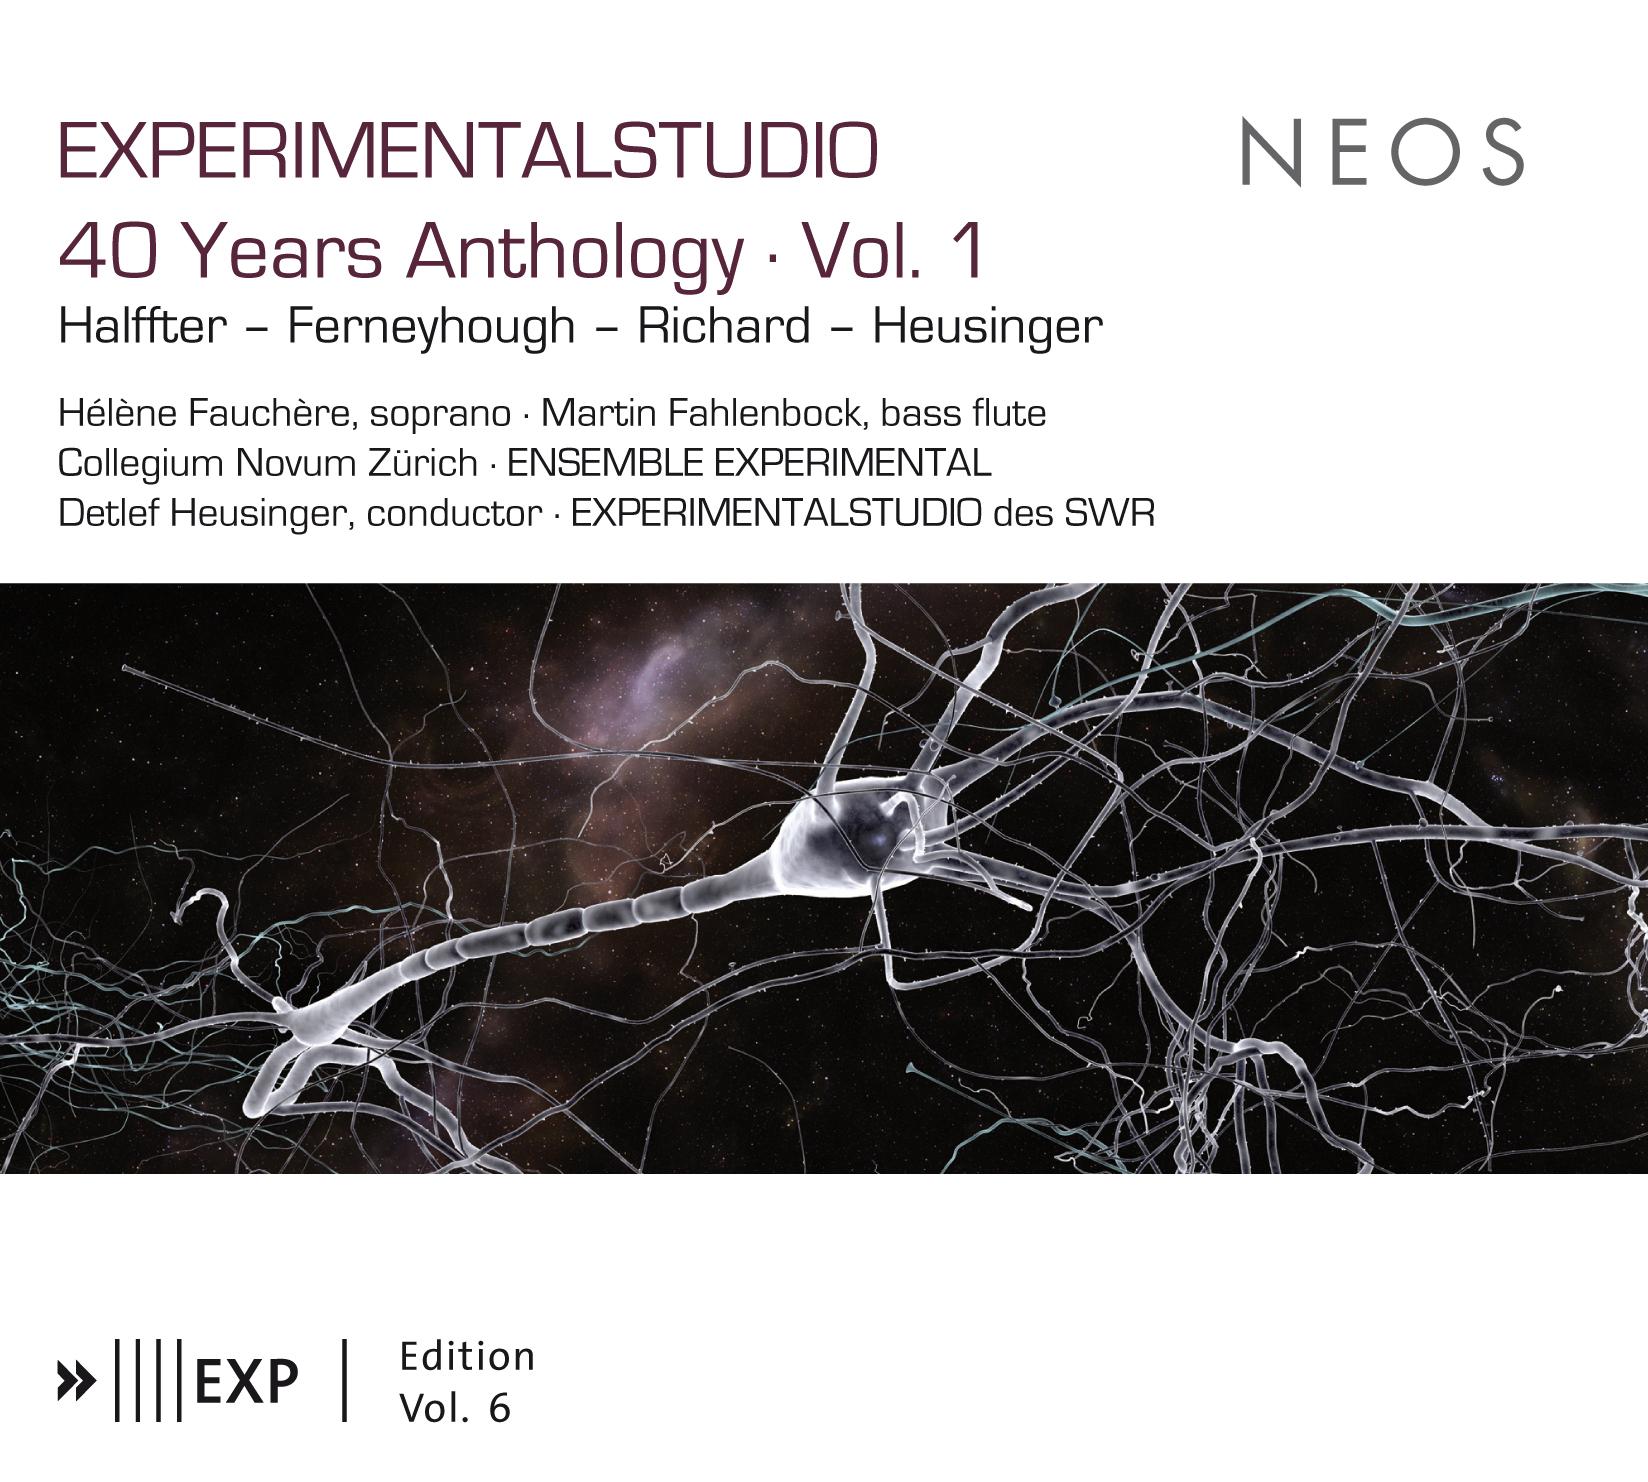 01_NEOS_11515_EXStudio_40_Years_1